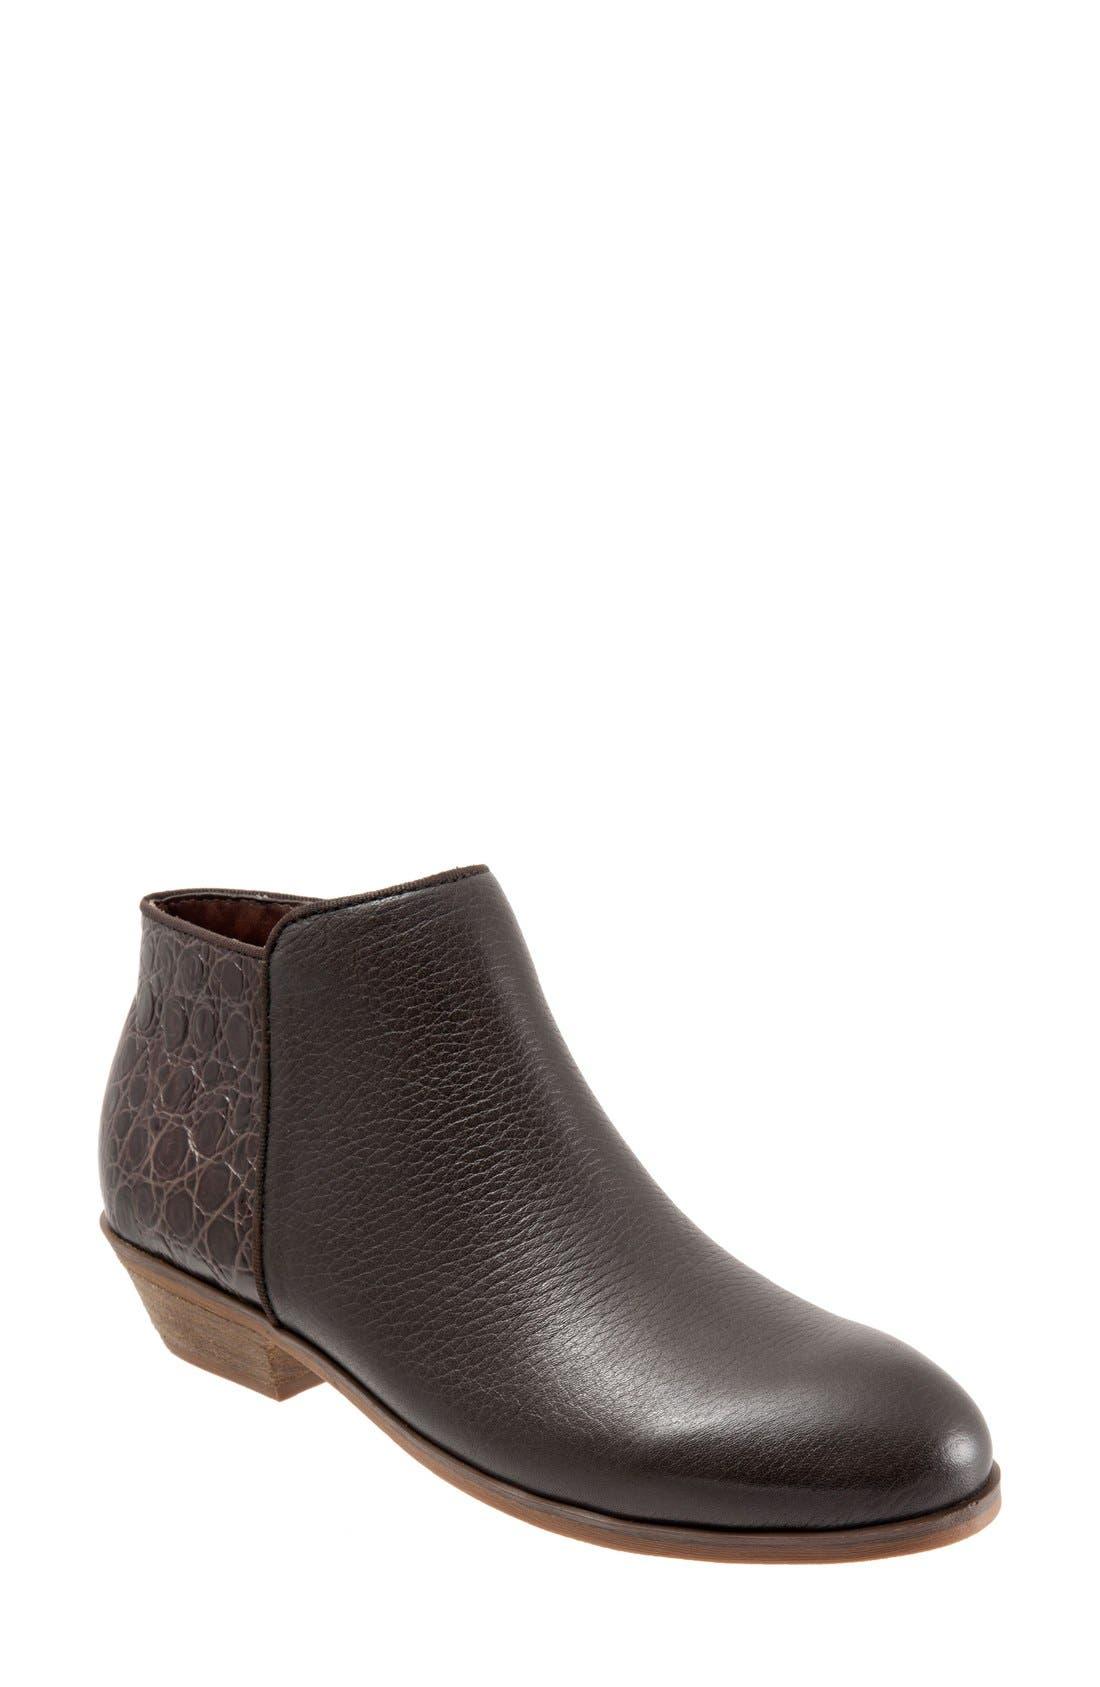 'Rocklin' Bootie,                         Main,                         color, Brown Croco Leather